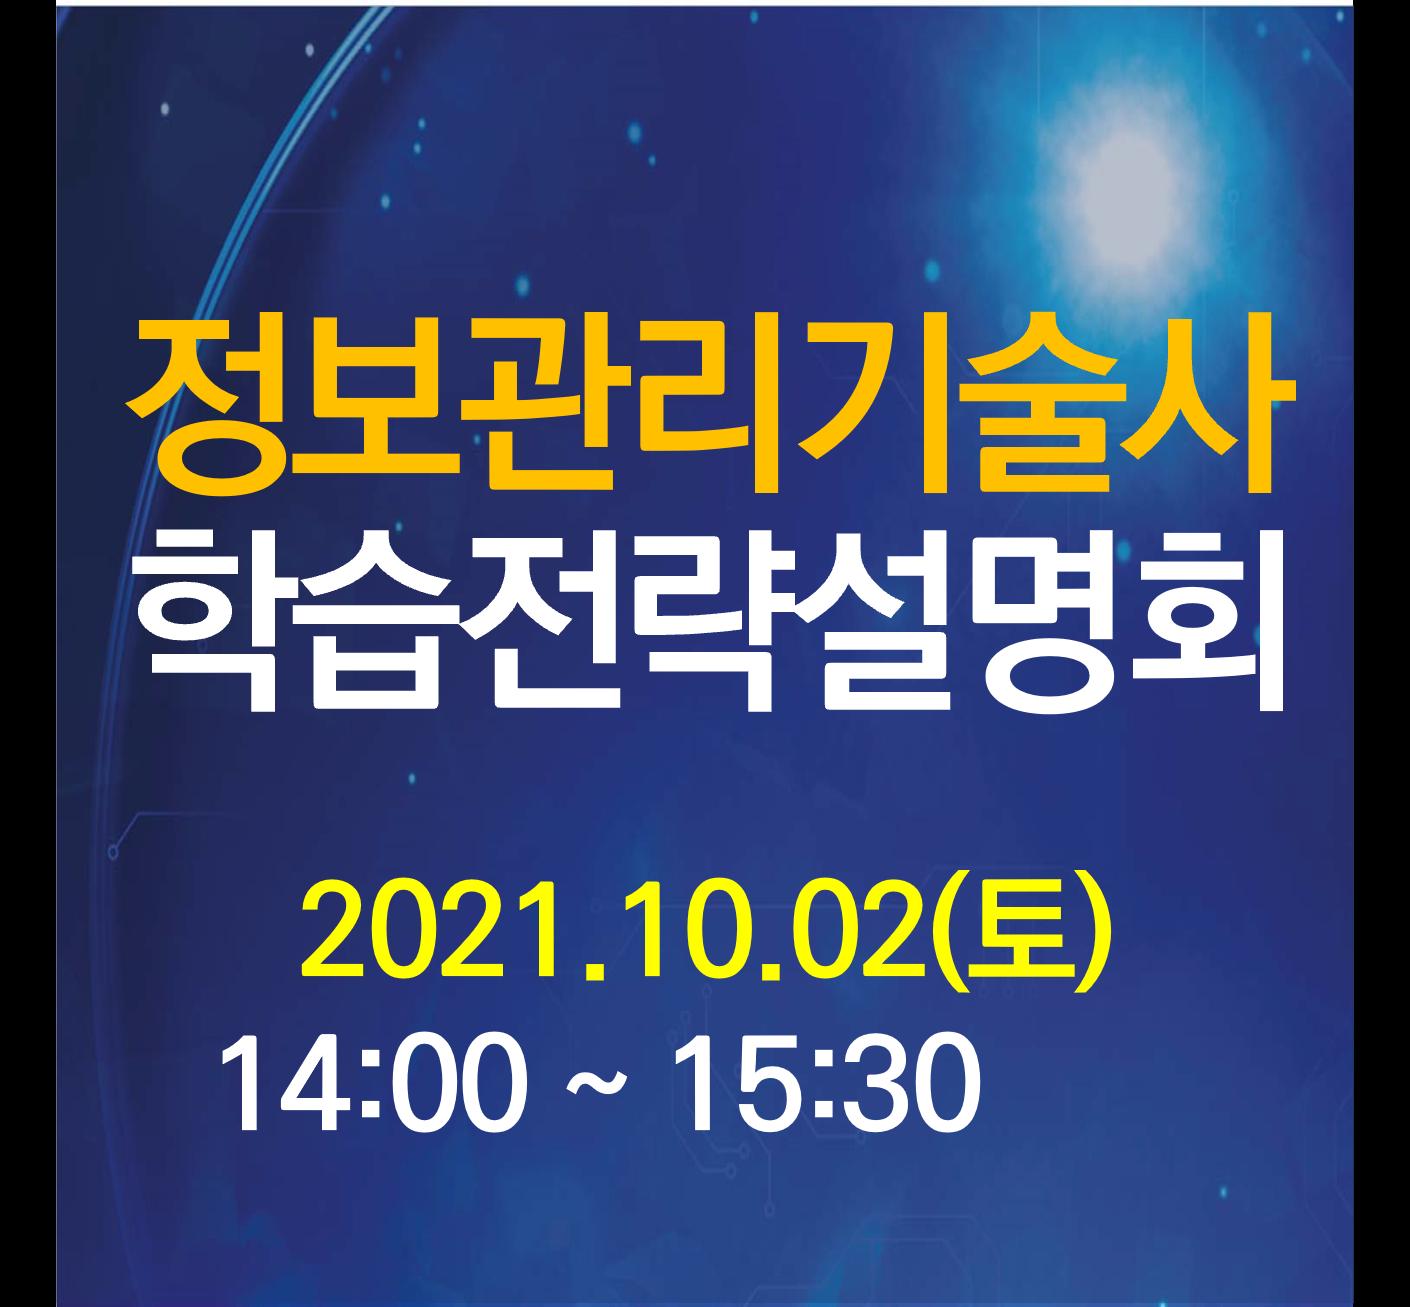 [무료][설명회] 기술사 학습전략설명회 - 2021.10.02(토)